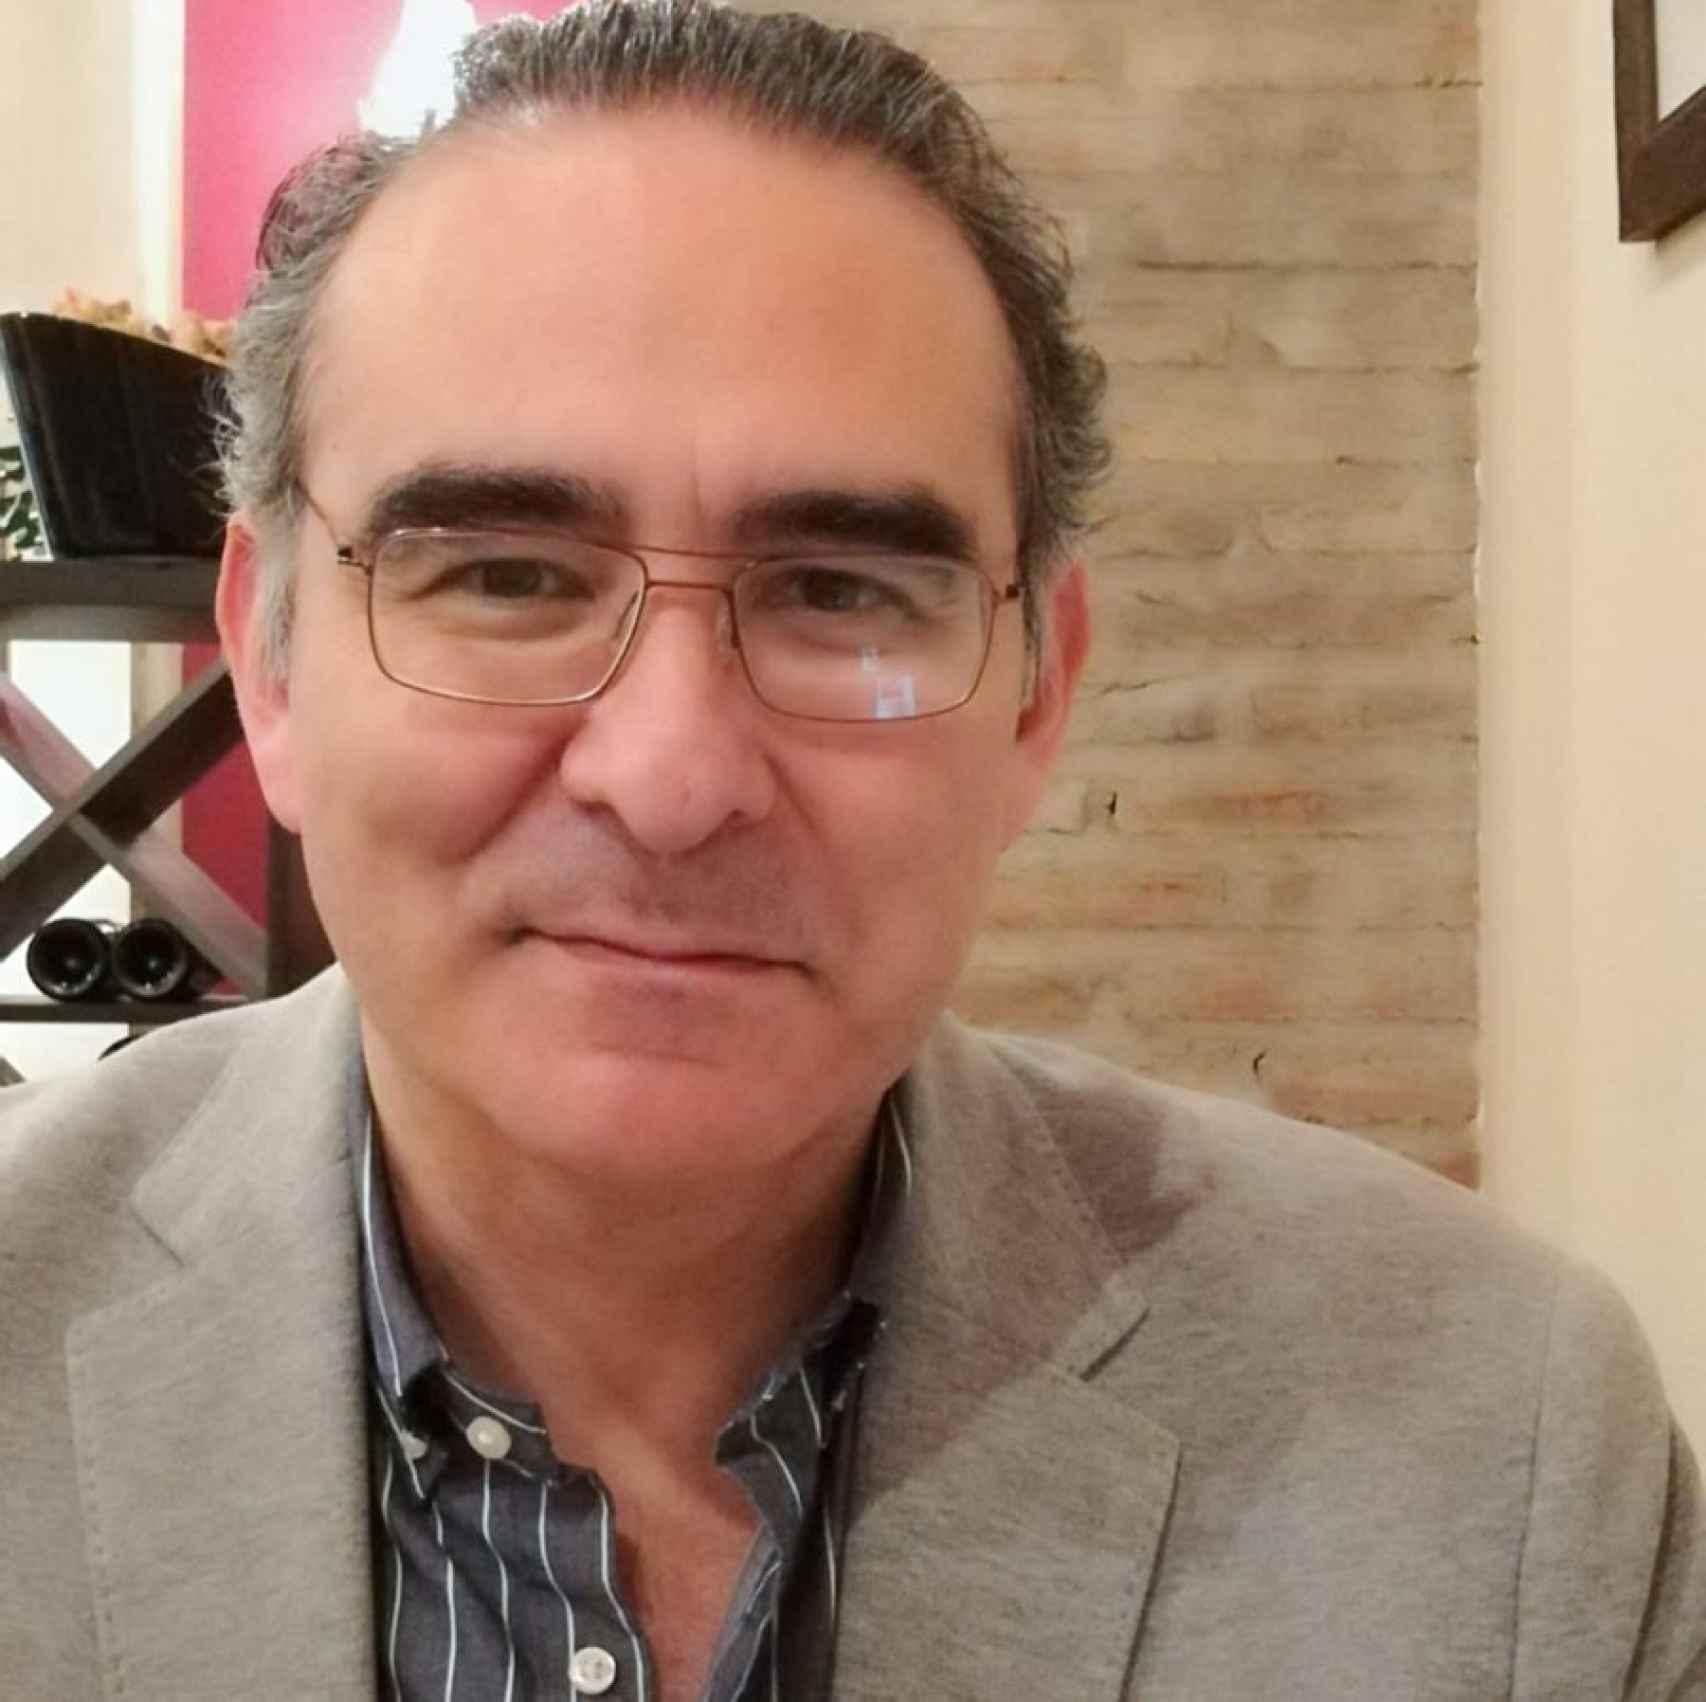 Una foto de Jorge Chauca García, Doctor en Historia Moderna.